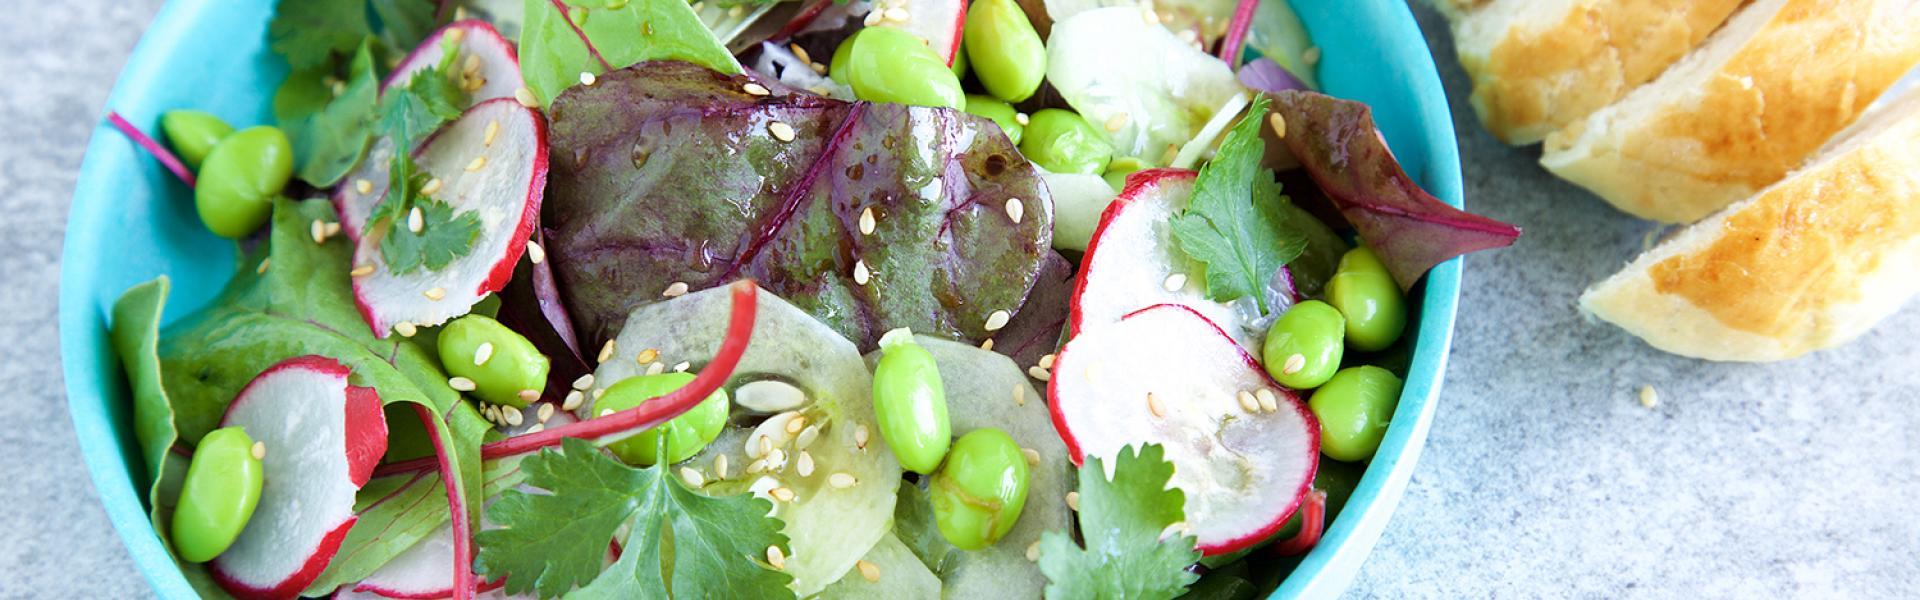 Edamame-Radieschen-Salat in einer Schüssel angerichtet. Daneben aufgeschnittenes Brioche.